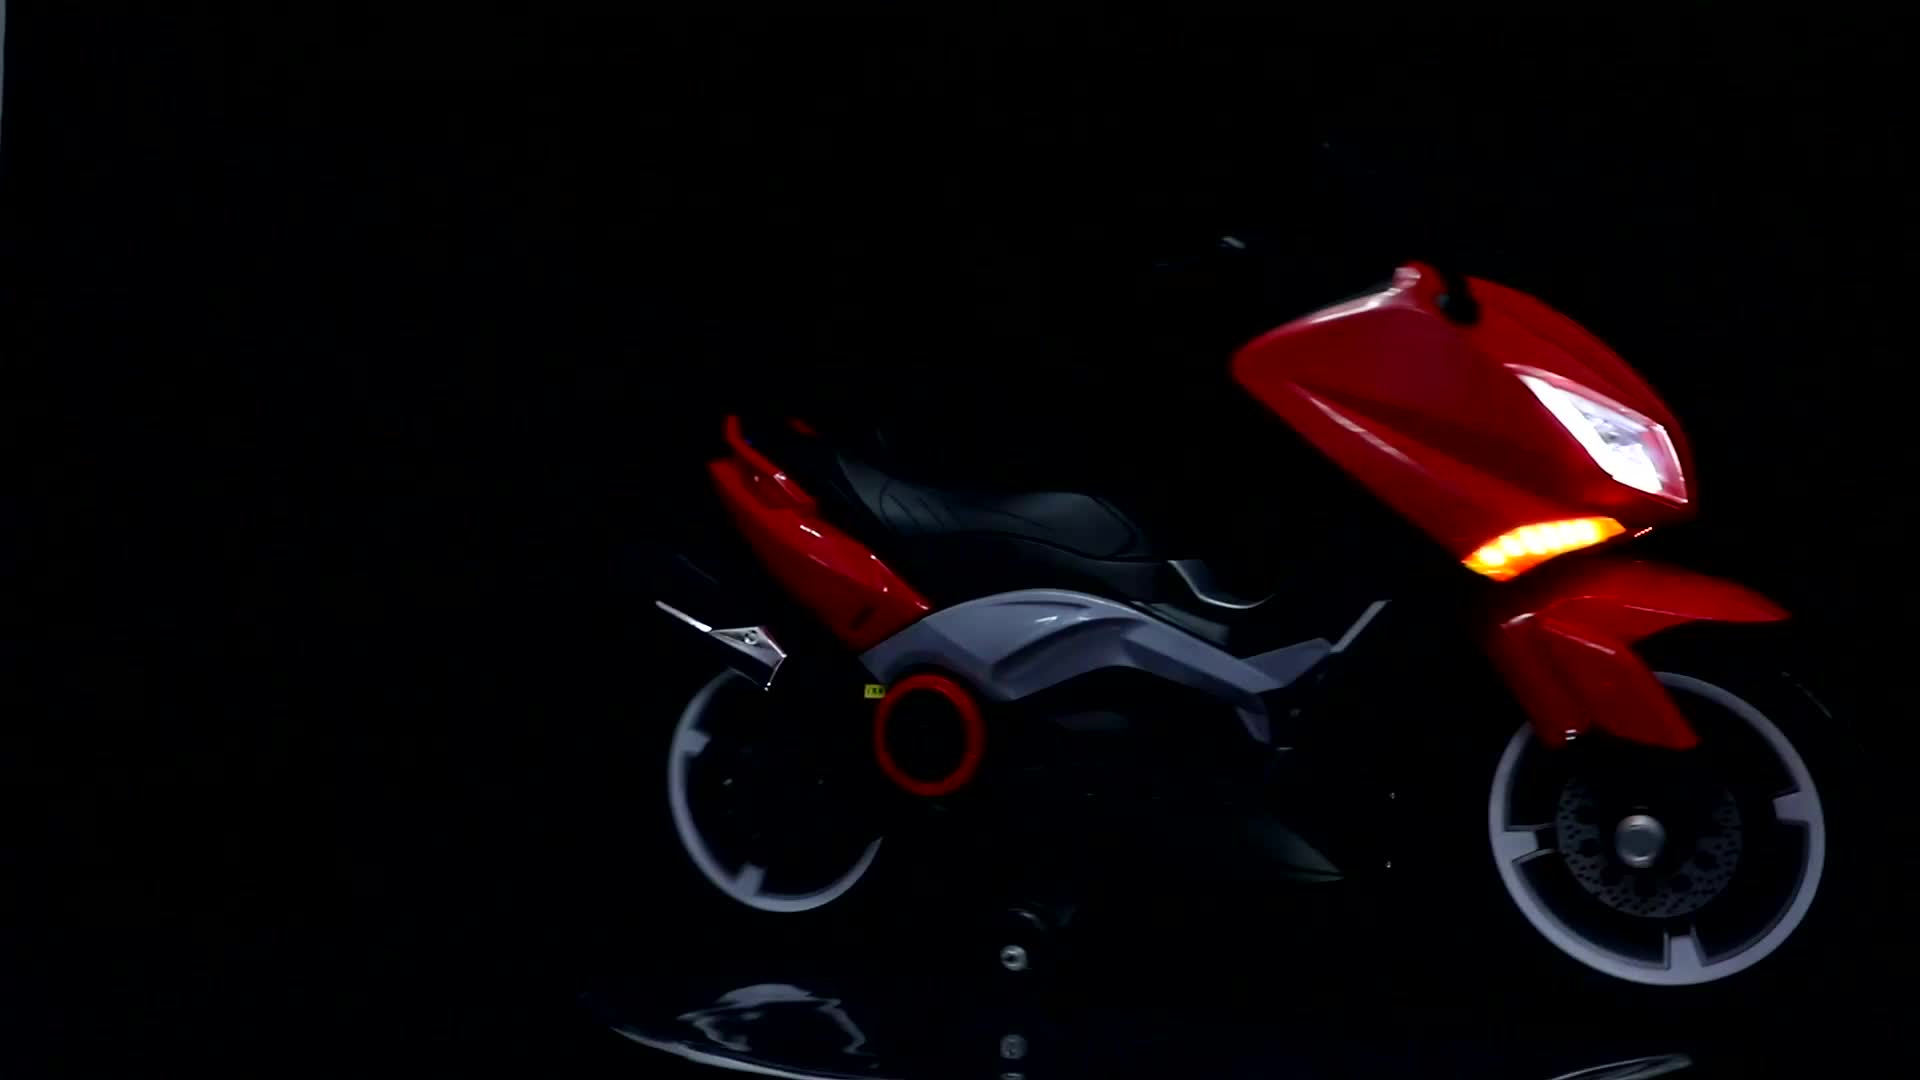 Nhựa giá rẻ trẻ em đồ chơi xe máy nhỏ/trẻ em xe máy điện cho bé